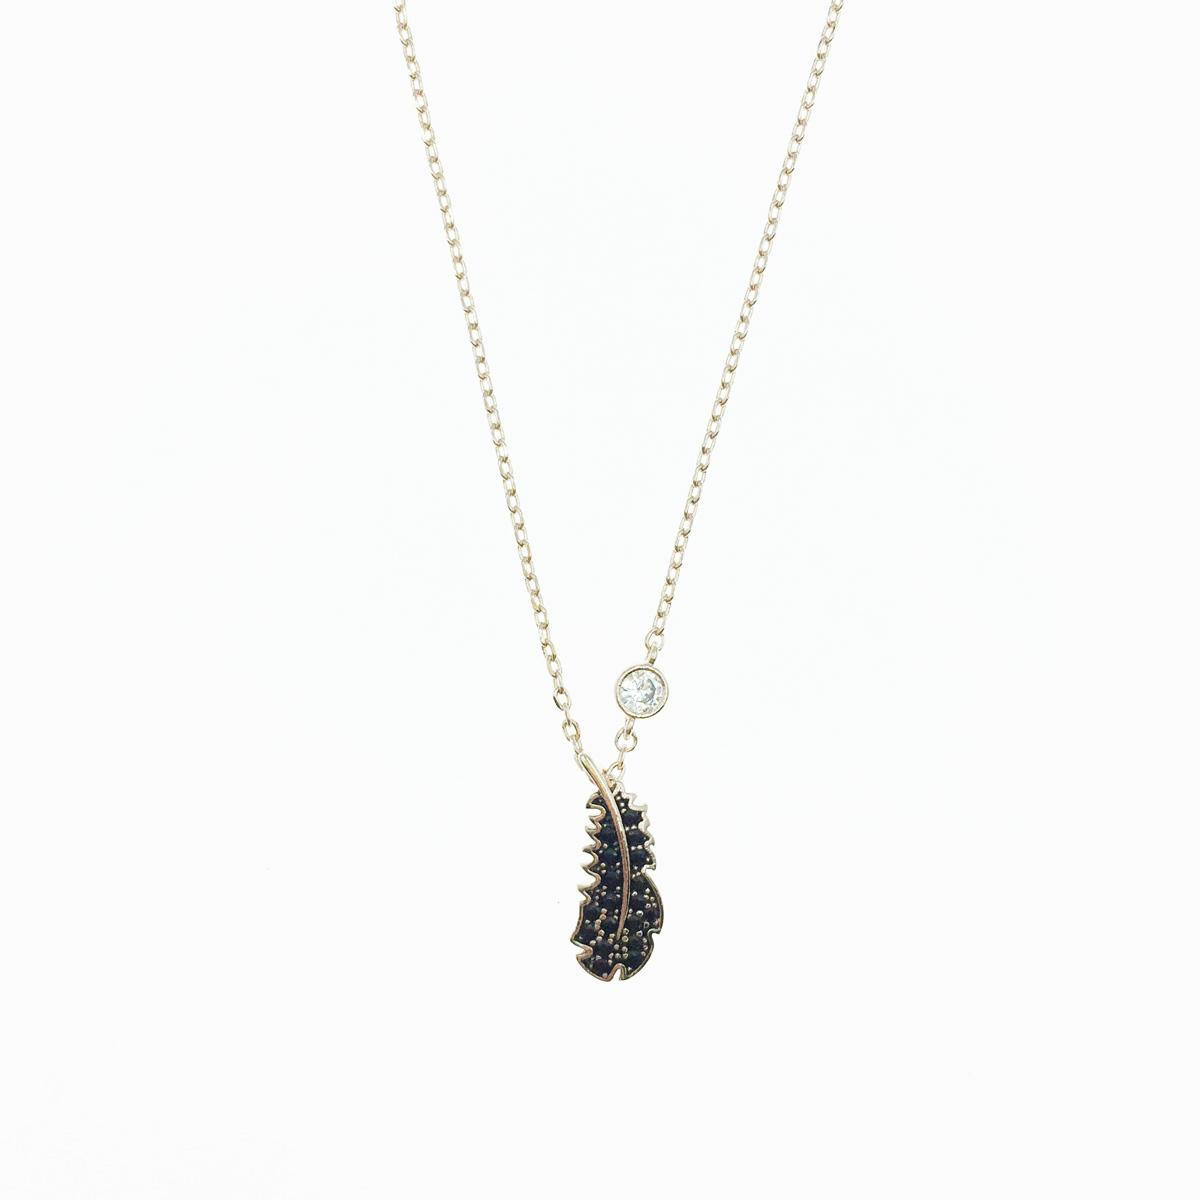 韓國 925純銀 羽毛 葉子 水鑽 黑鑽 玫瑰金 垂墜感 項鍊